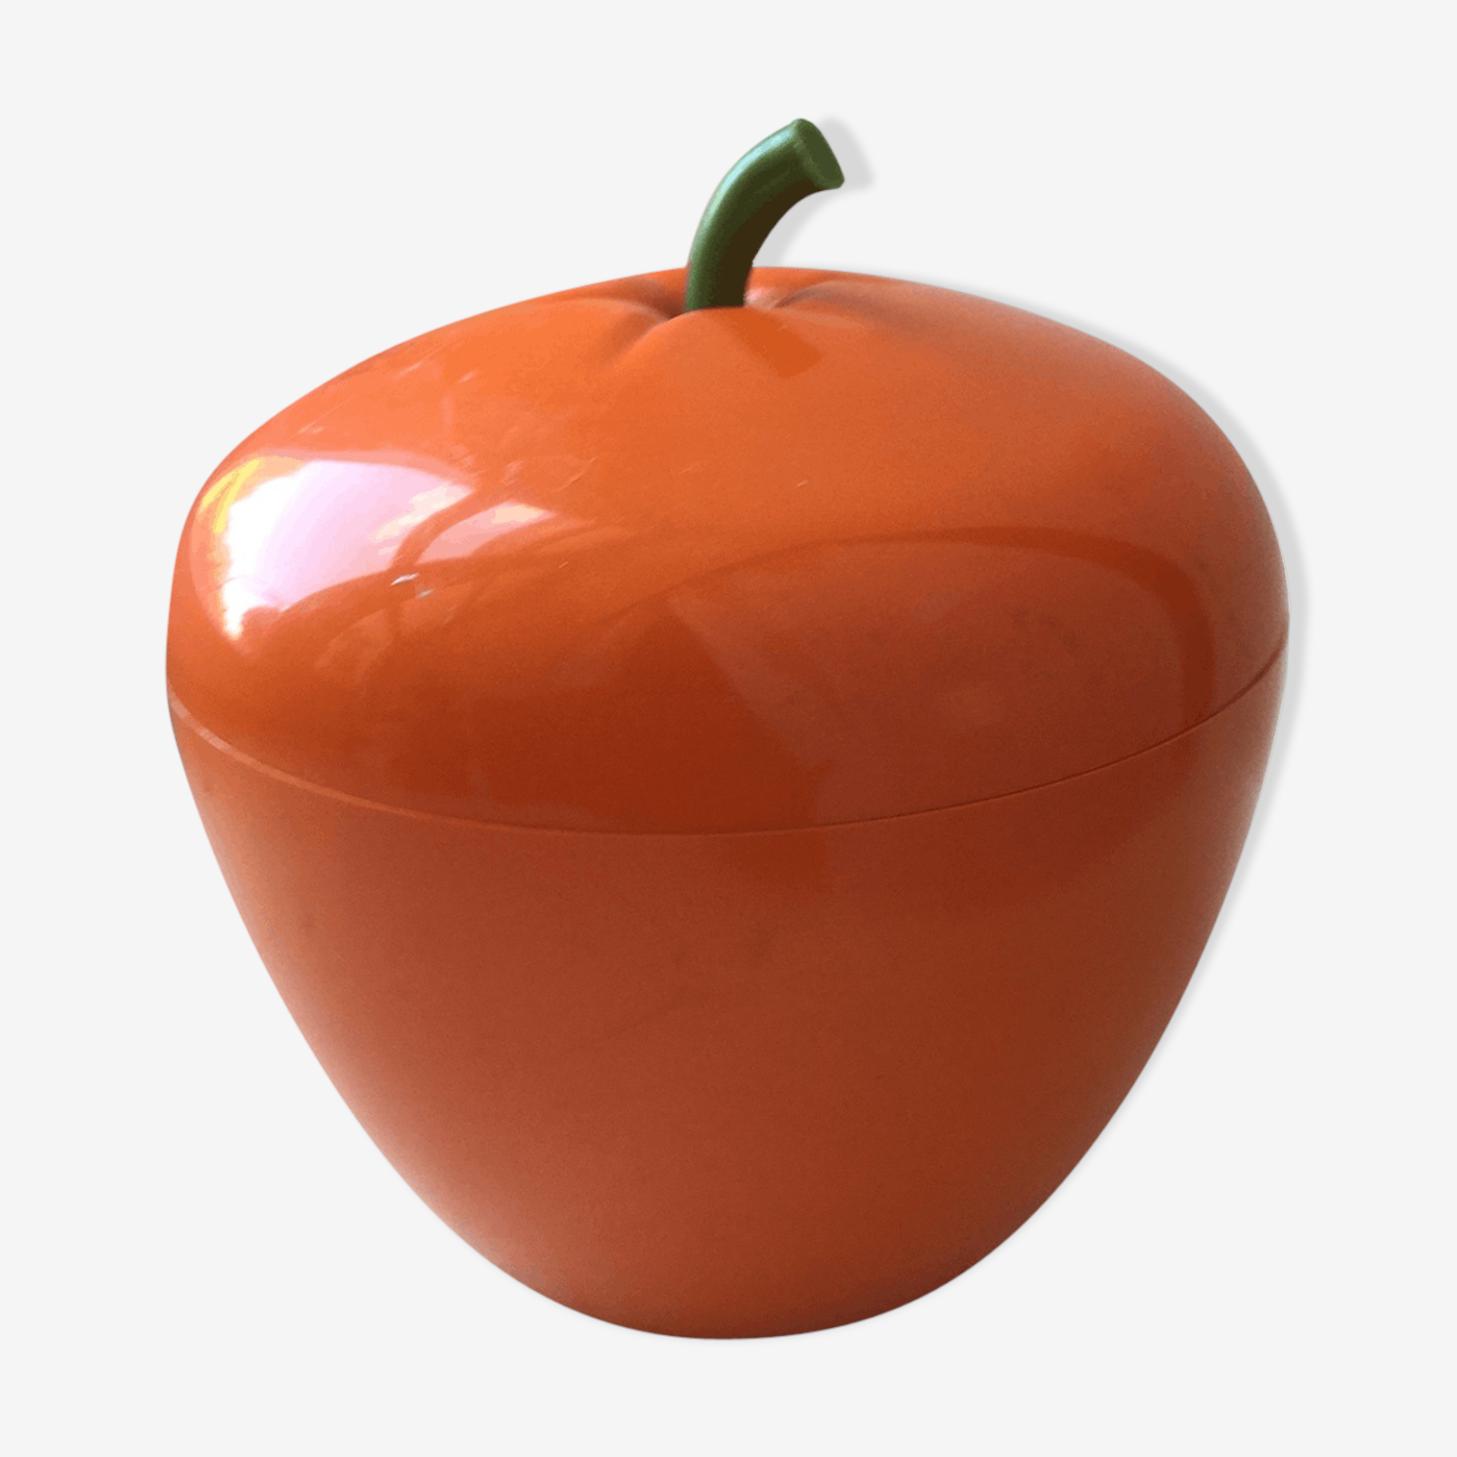 Seau a glace pomme orange vintage années 60